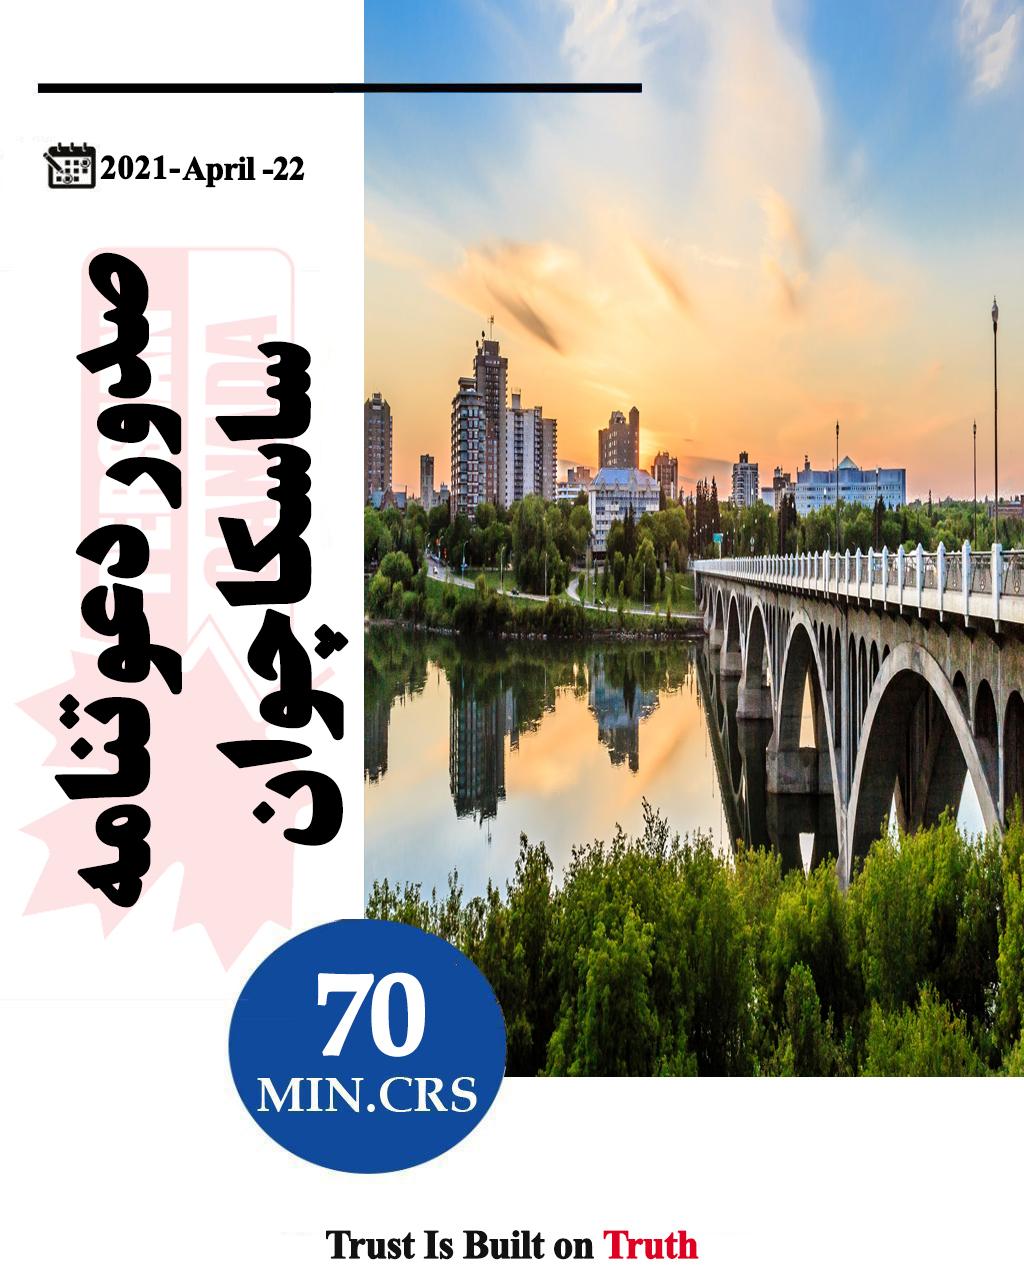 صدور دعوتنامه استان ساسکاچوان